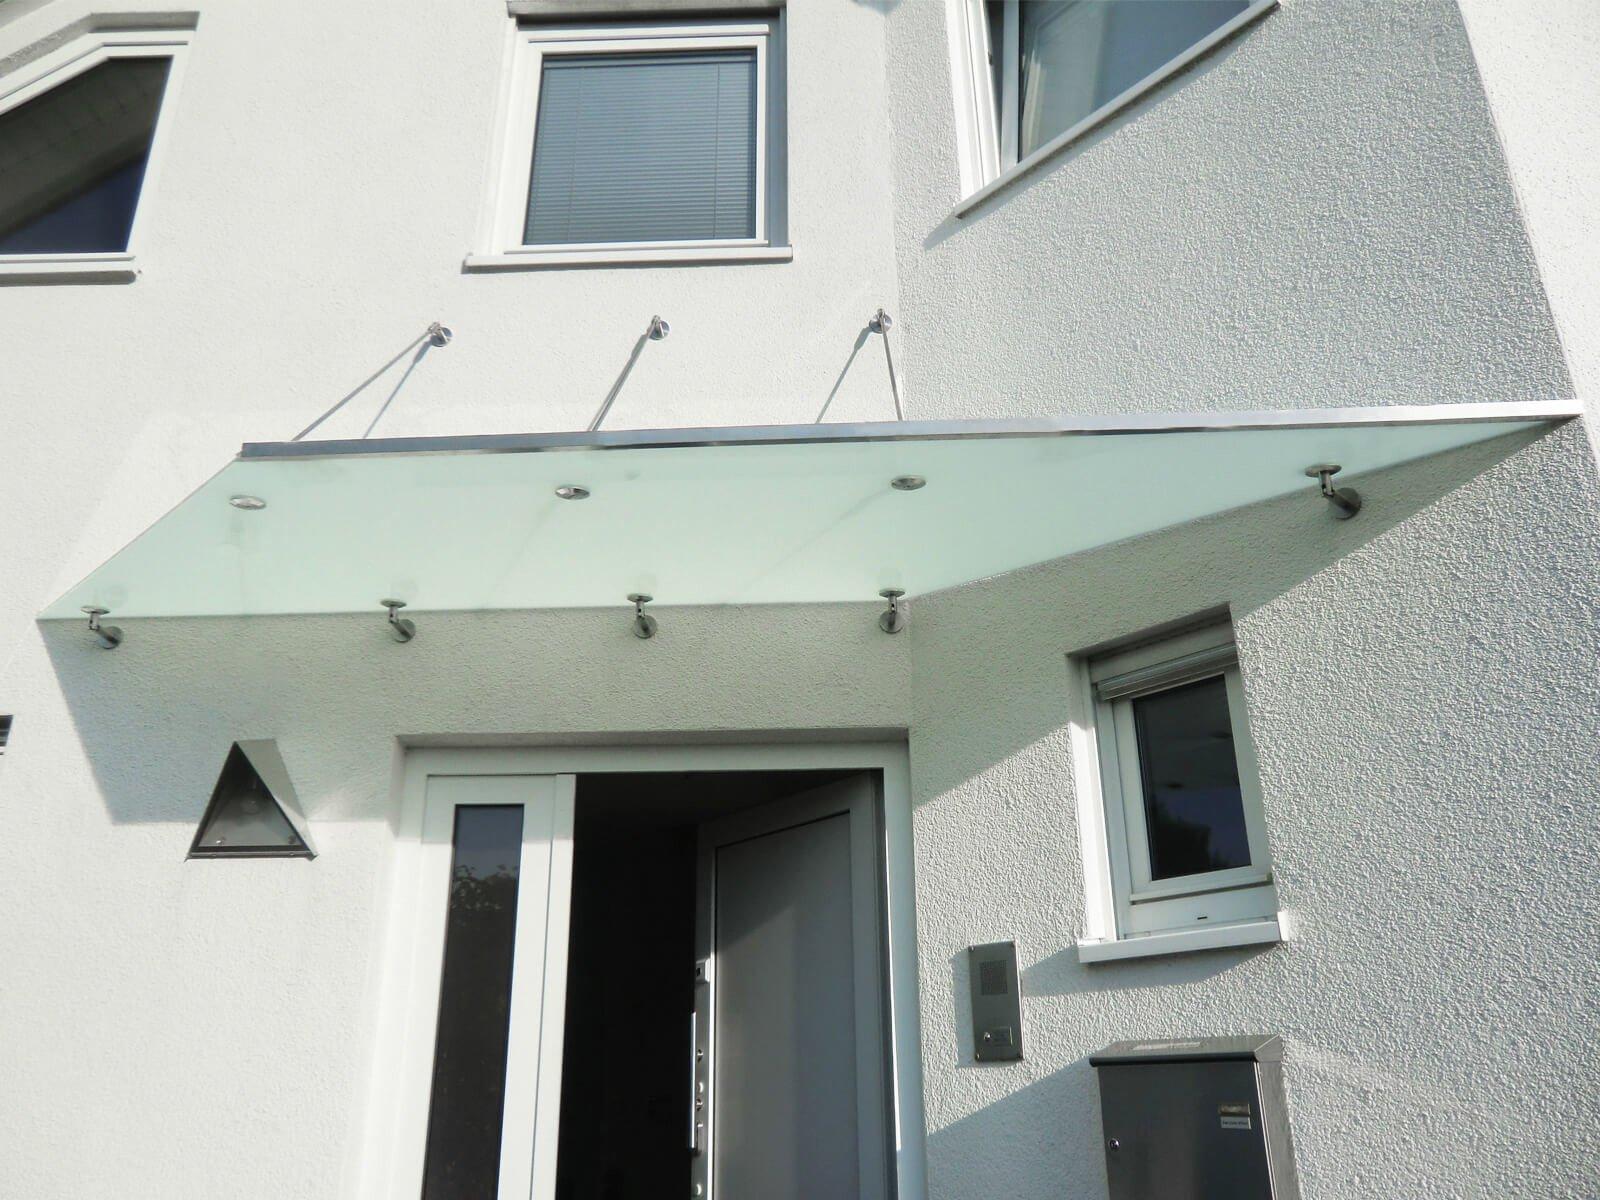 Vordach mit Winkel